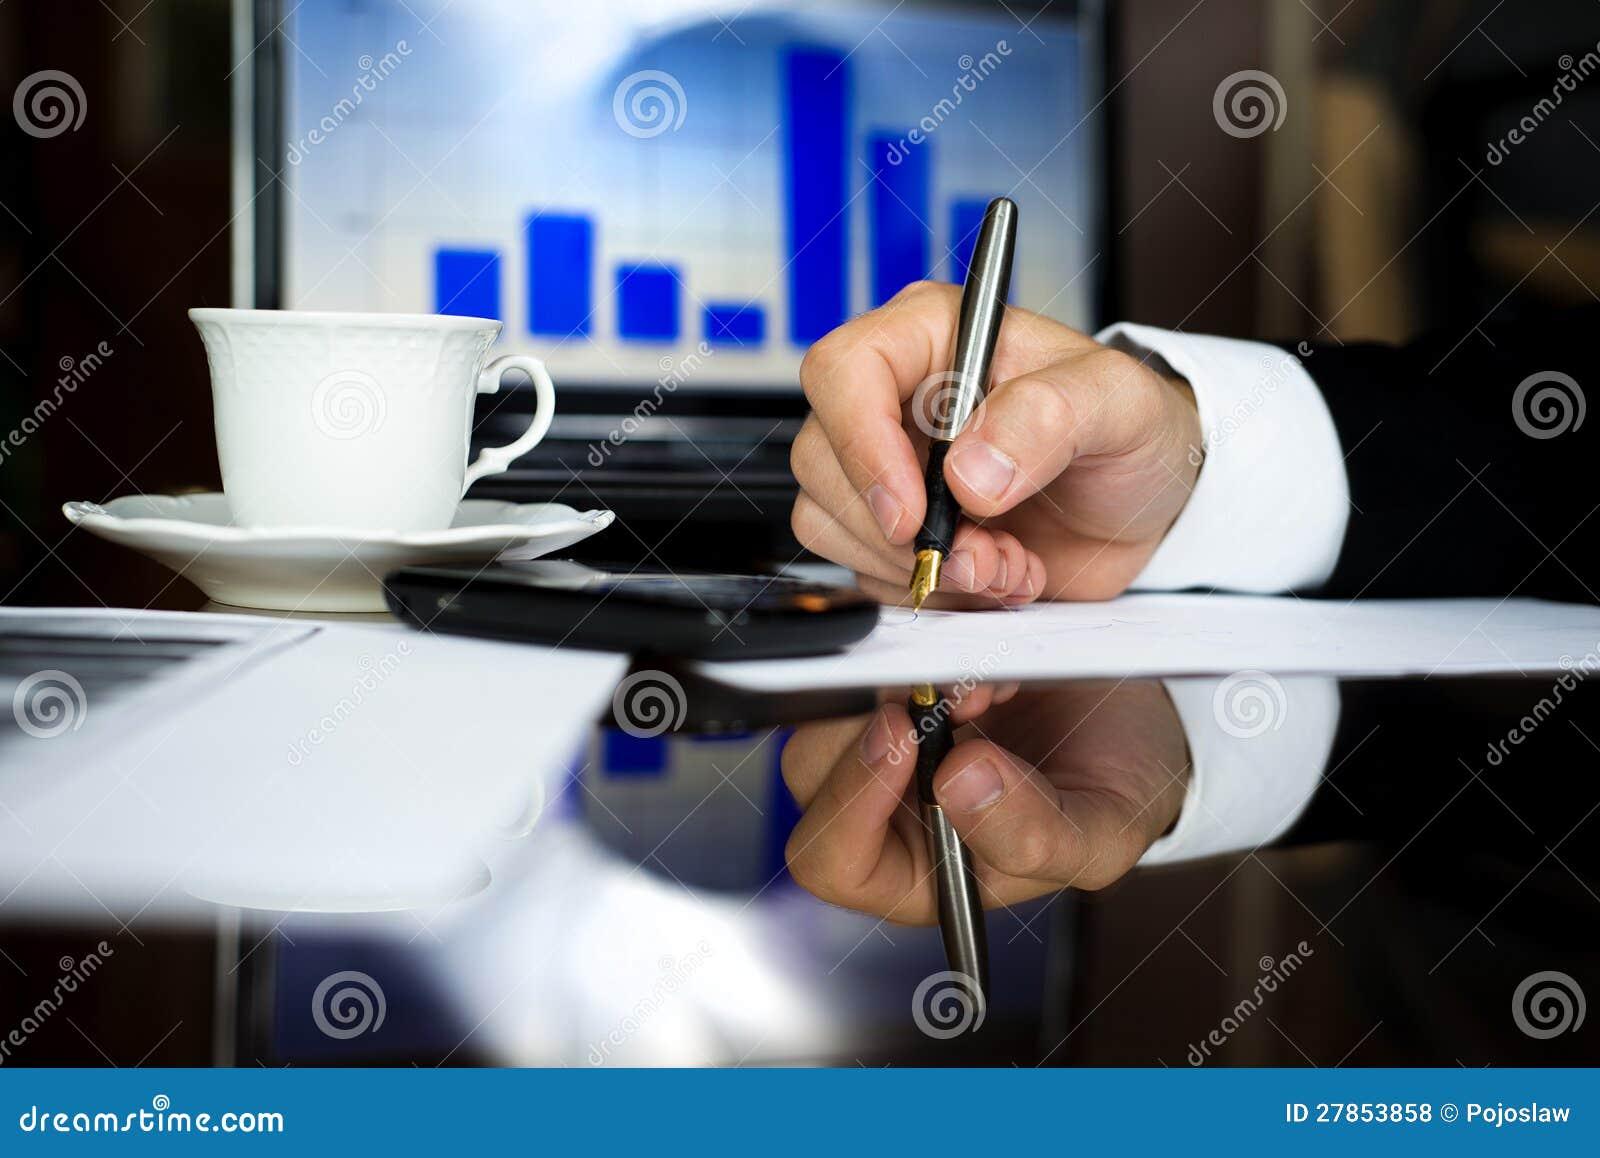 Biurowy biurko